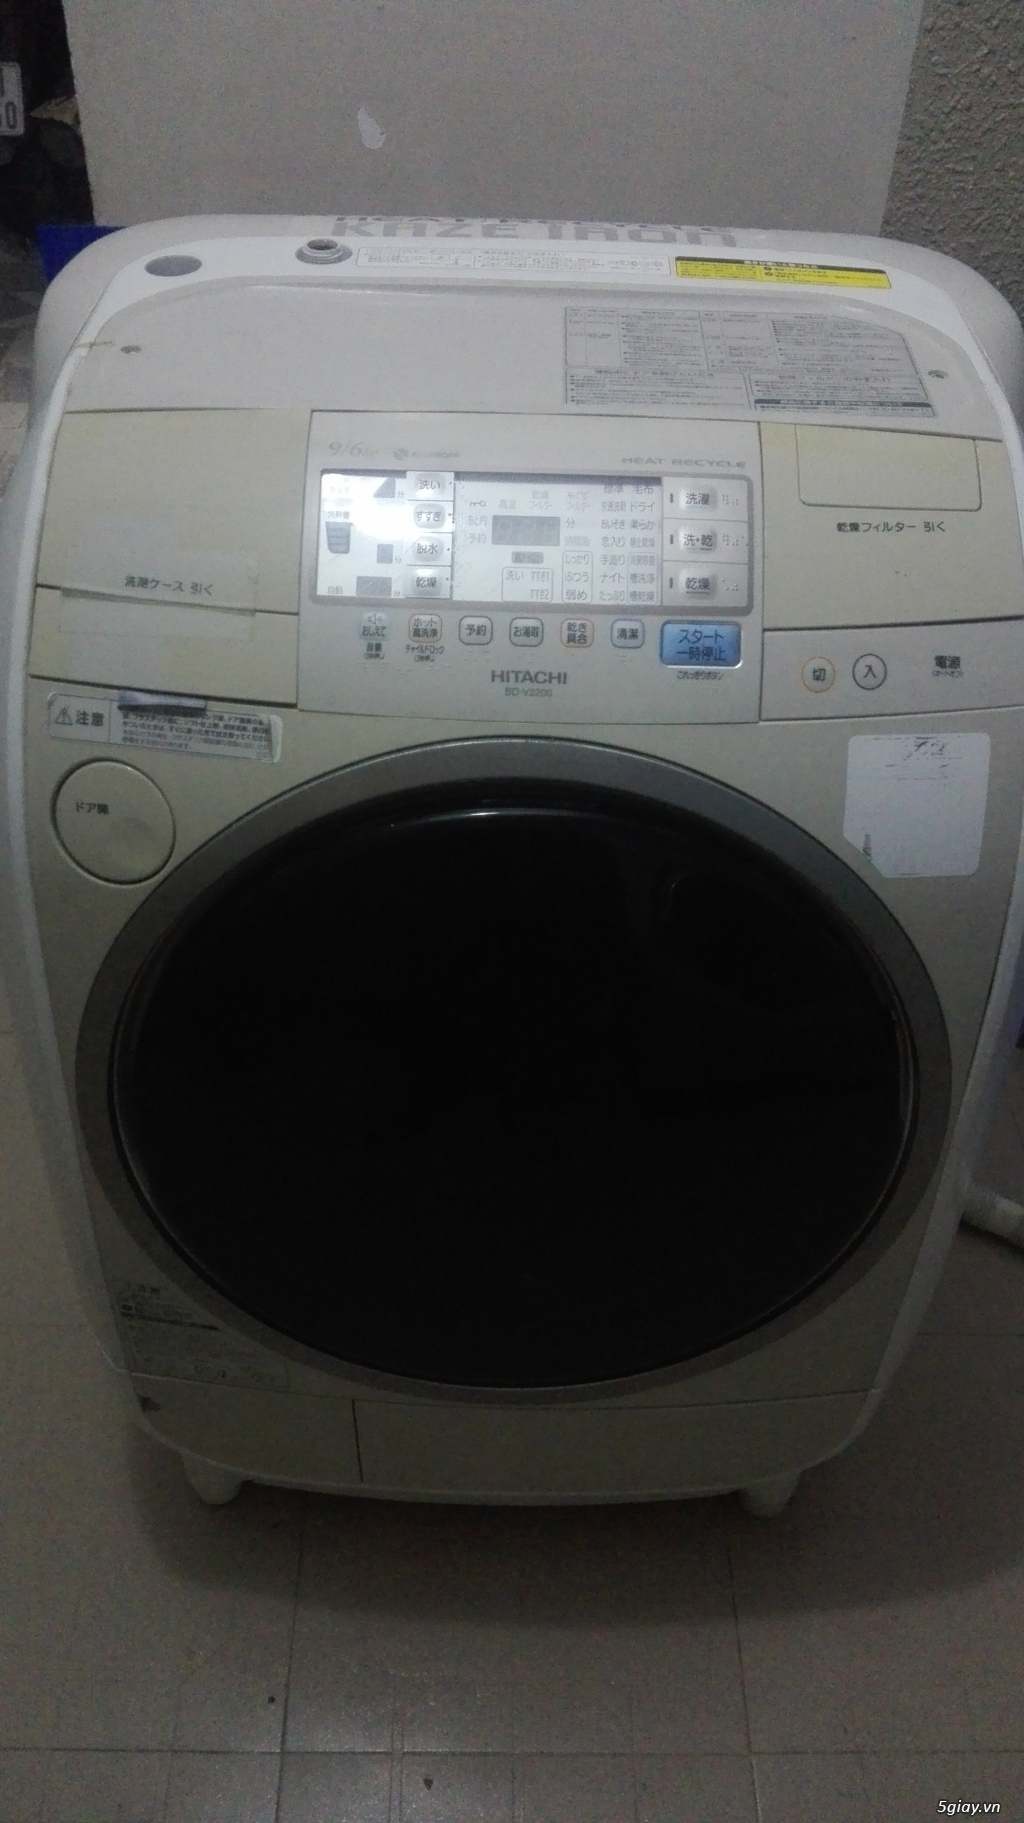 Máy giặt có sấy khô nội địa